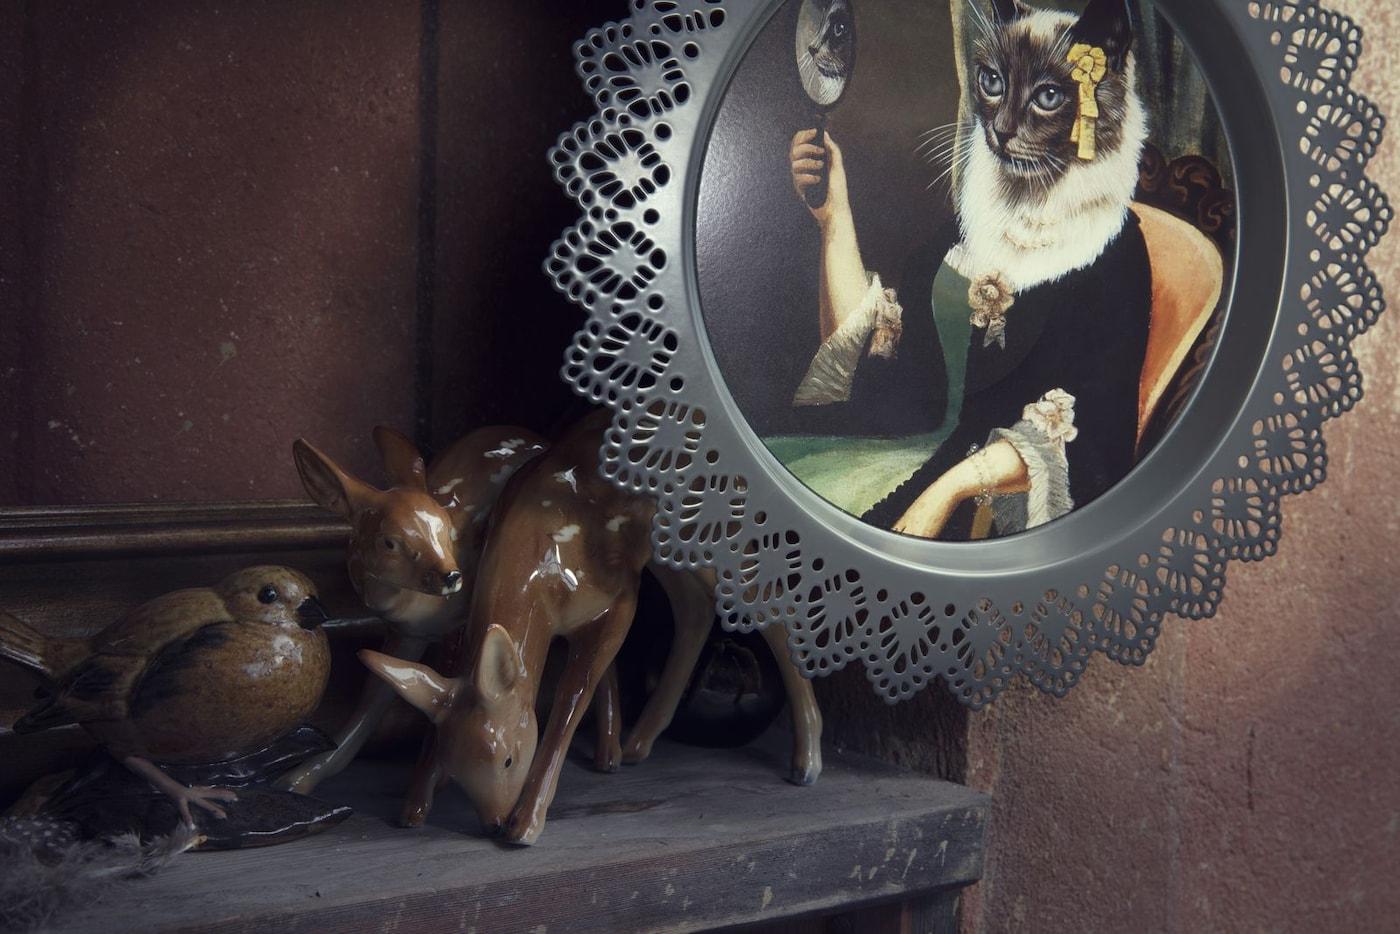 Gros plan sur les décos murales SKURAR présentant des chats et d'autres animaux décoratifs